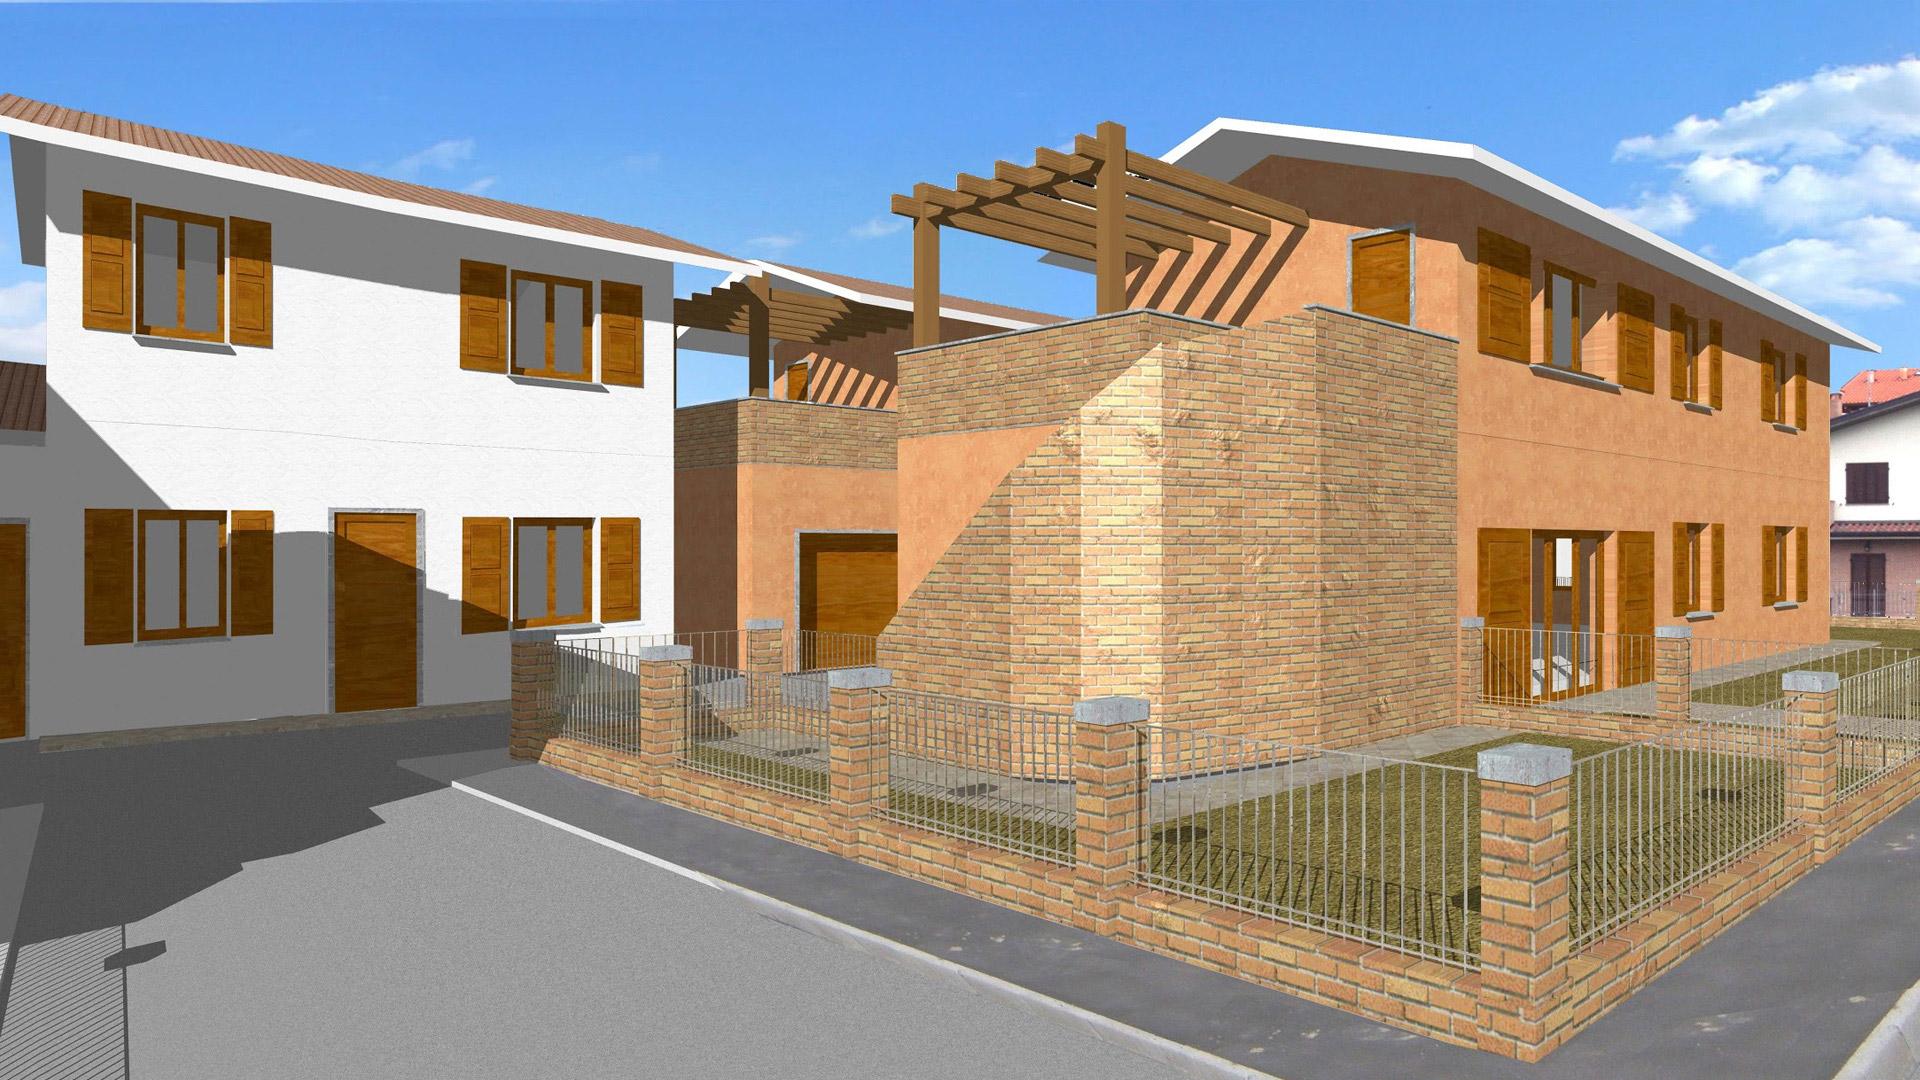 Studio tecnico veronesi for Piani di progettazione architettonica